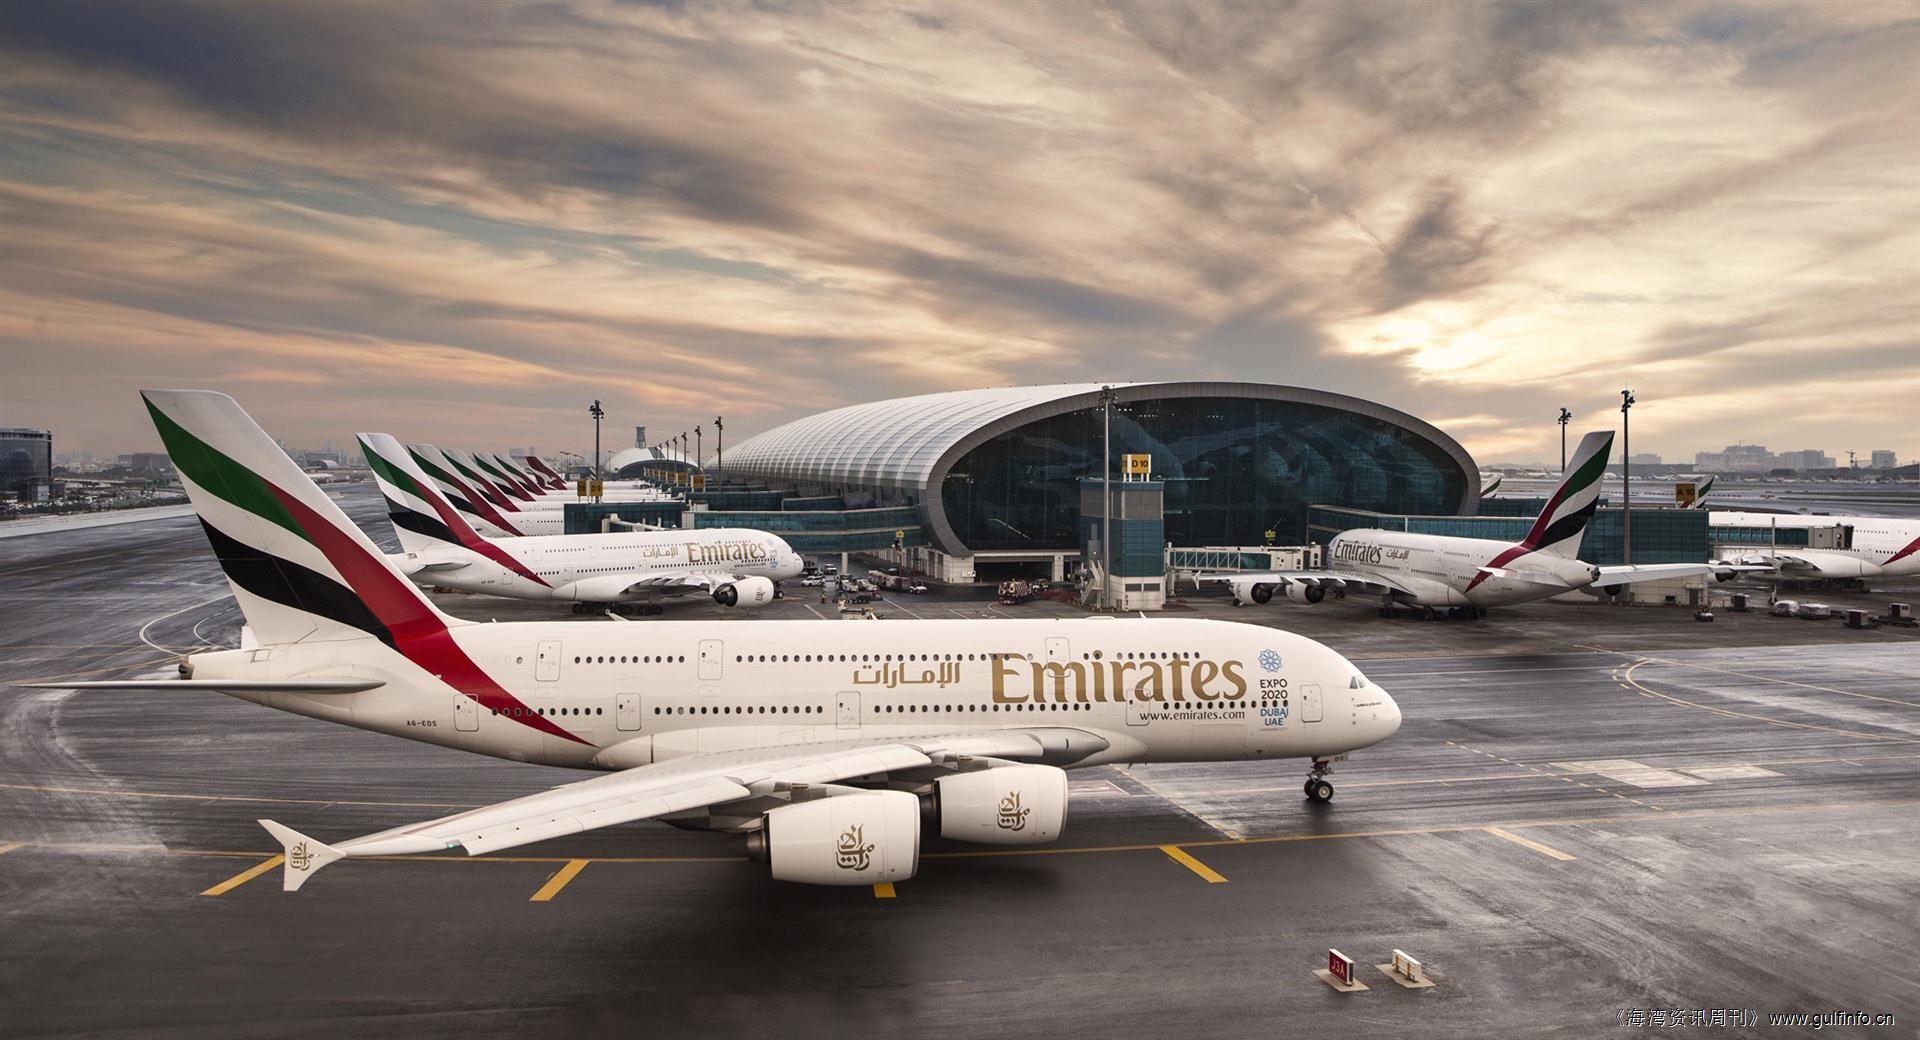 阿联酋航空业2020年产值将达530亿美元